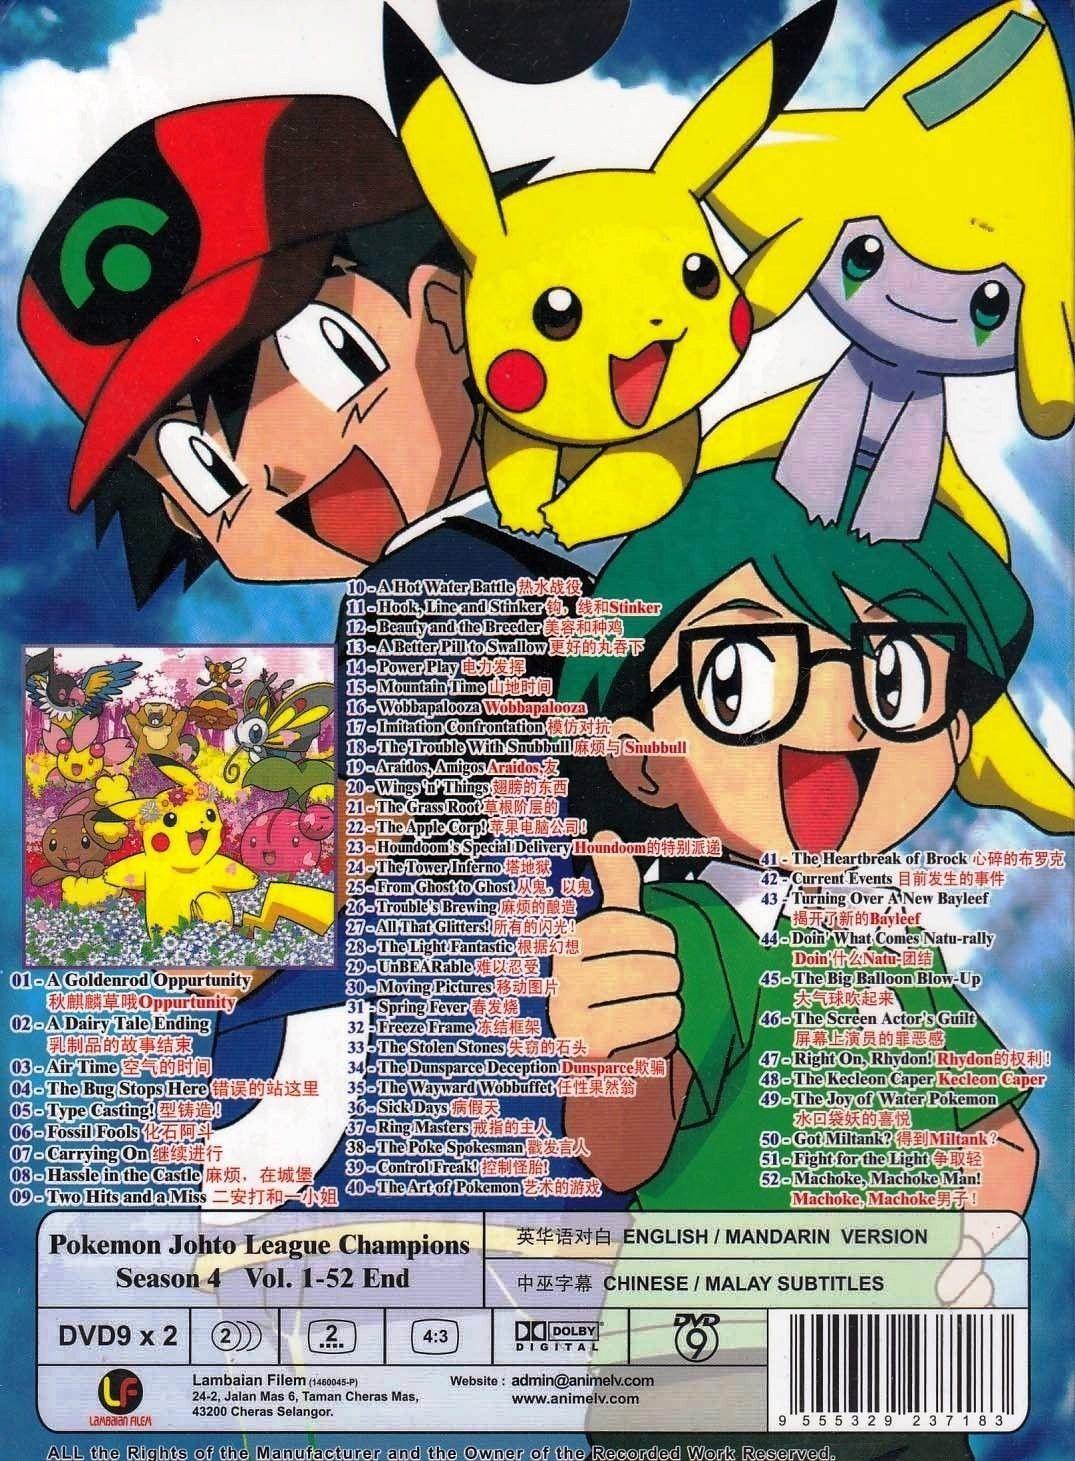 pokemon johto league referee images pokemon images